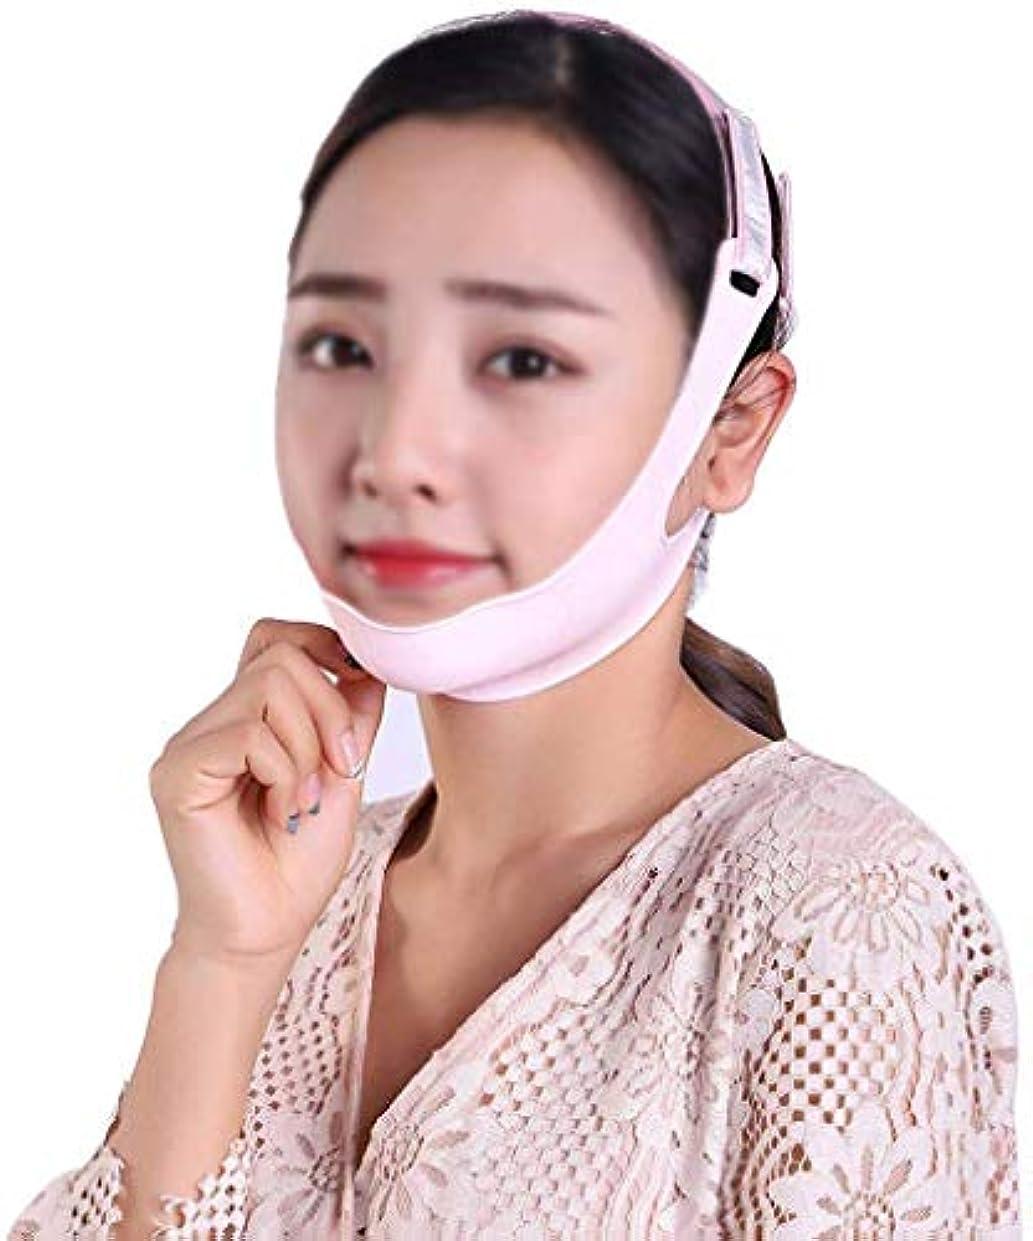 ストローペルメル排除する美容と実用的なフェイスリフトマスク、シリコンVフェイスマスクファーミング、リフティングフェイス、バンデージスモールVフェイスアーティファクトリラクゼーションフェイスとネックリフトの防止(サイズ:L)